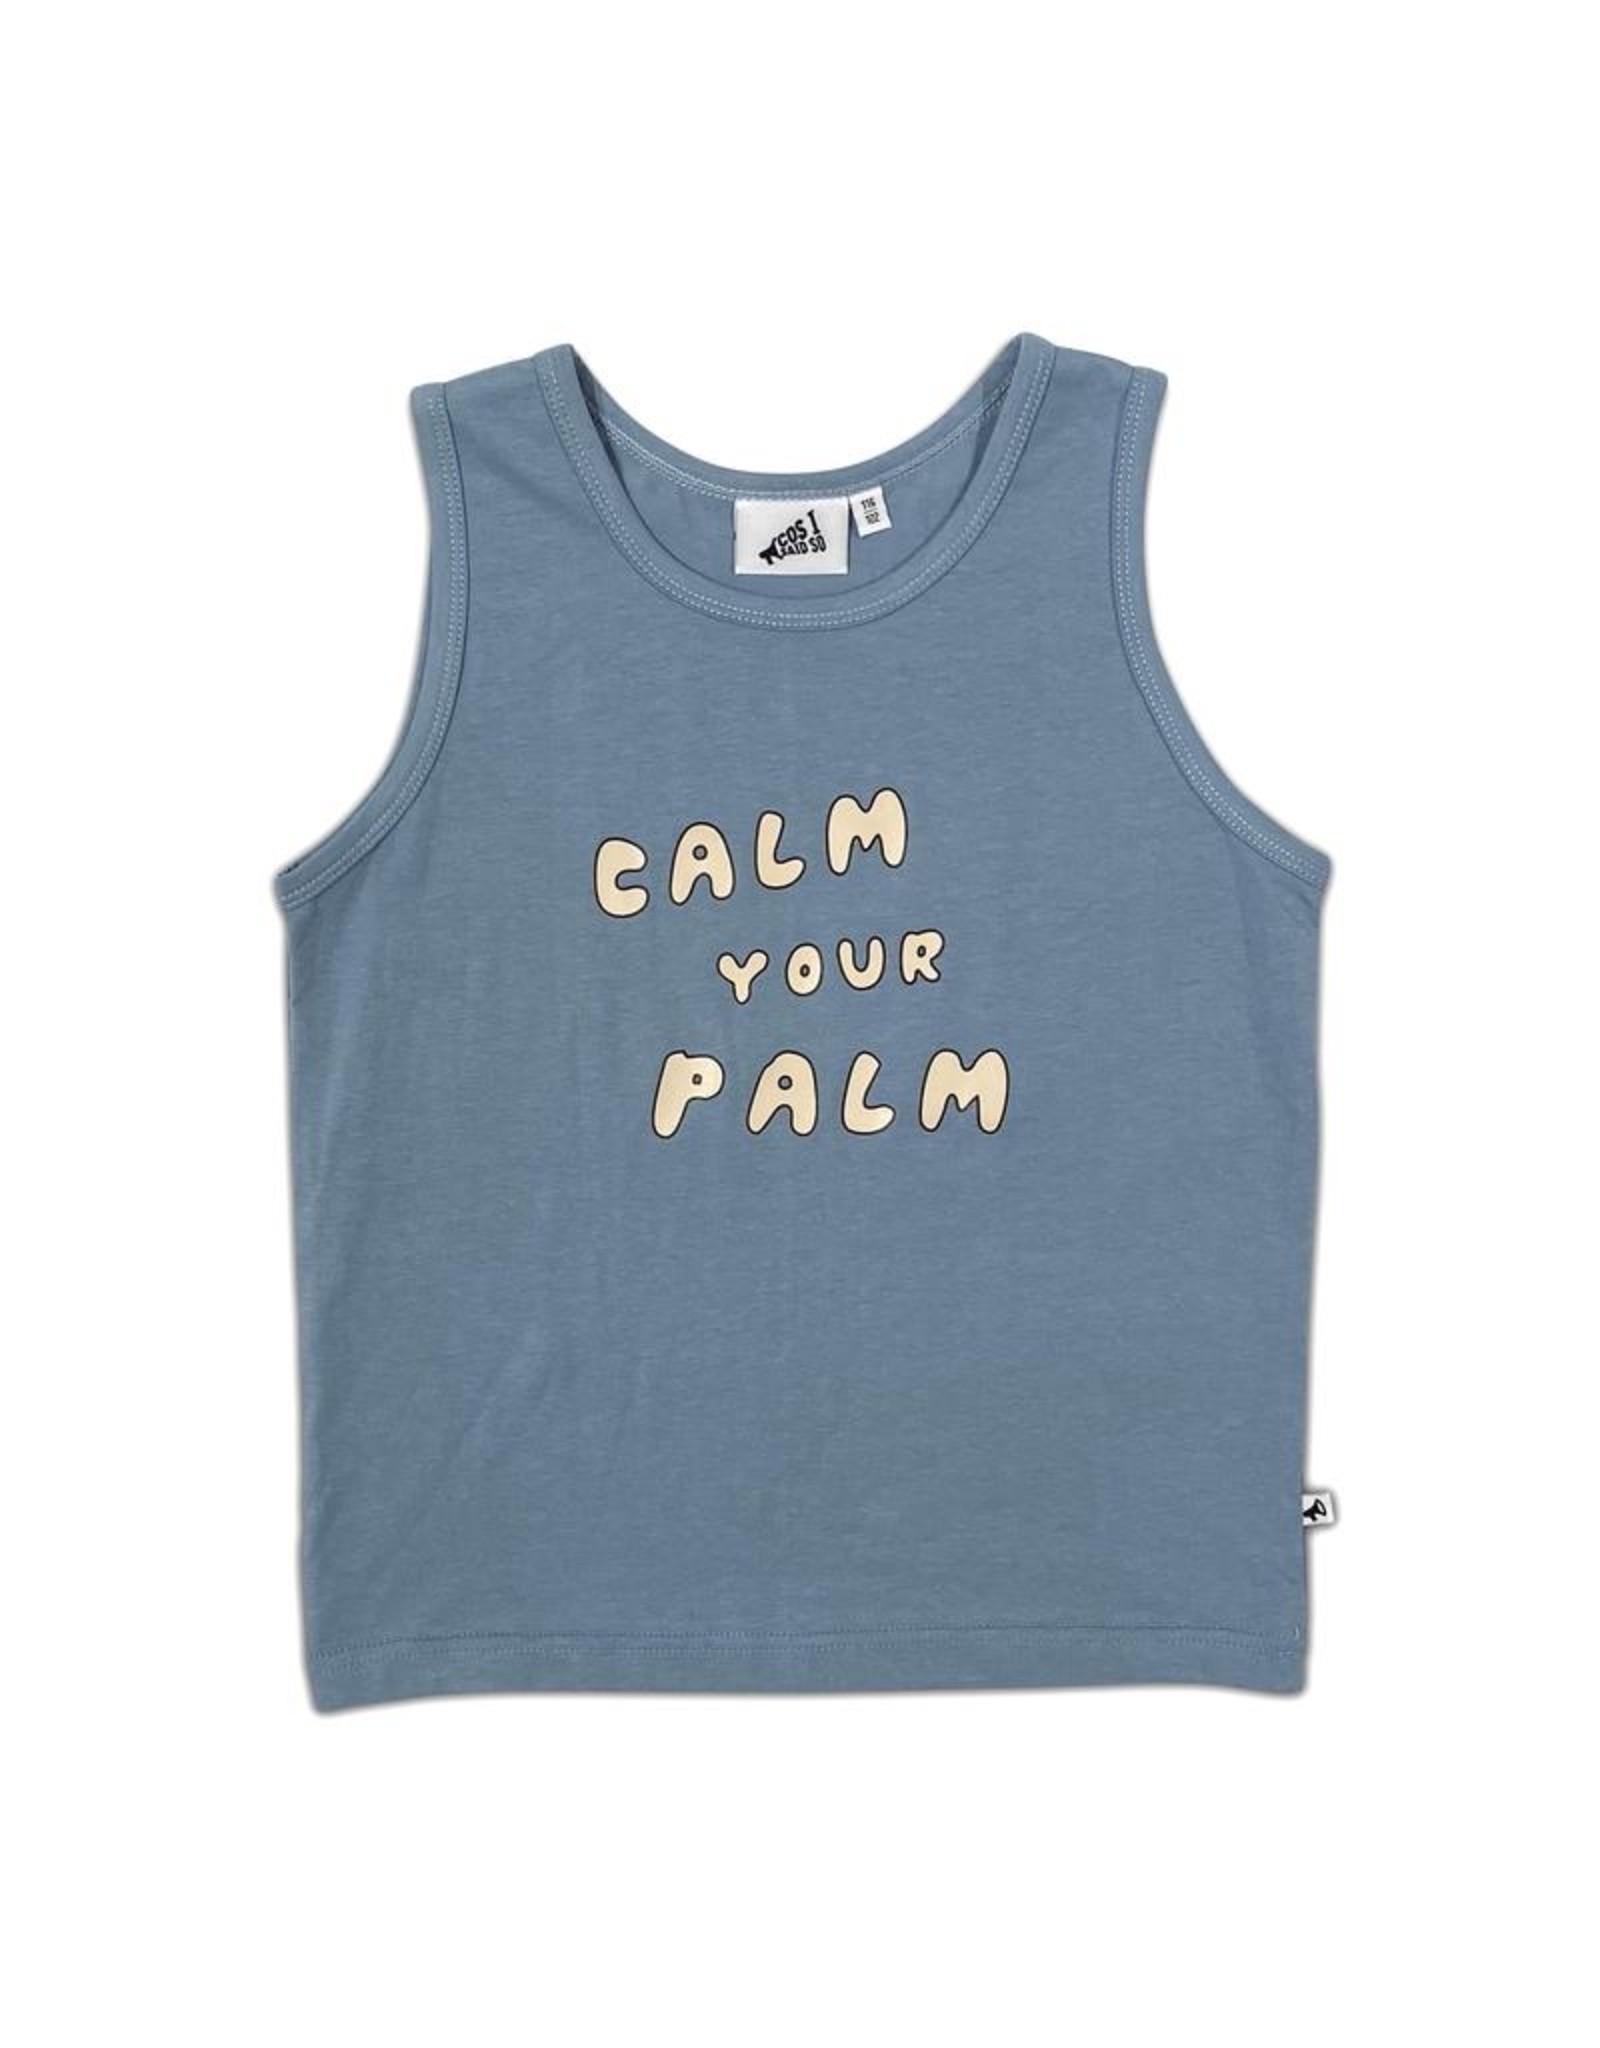 Cos I Said So Cos I said So Calm Your Palm Tank Top Faded Denim